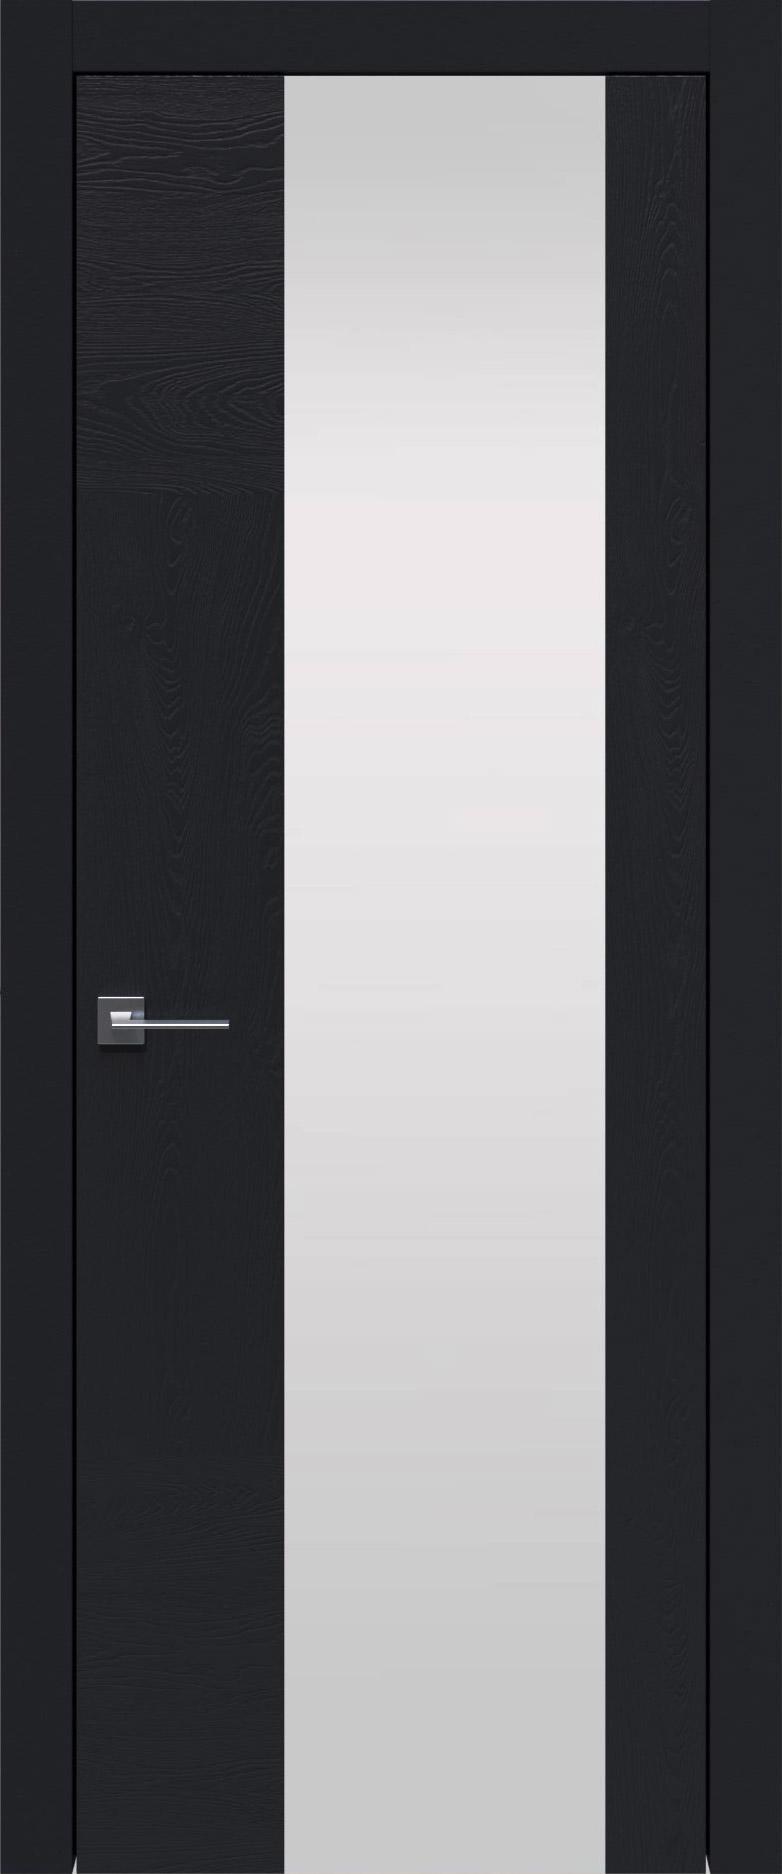 Tivoli Е-1 цвет - Черная эмаль по шпону (RAL 9004) Со стеклом (ДО)